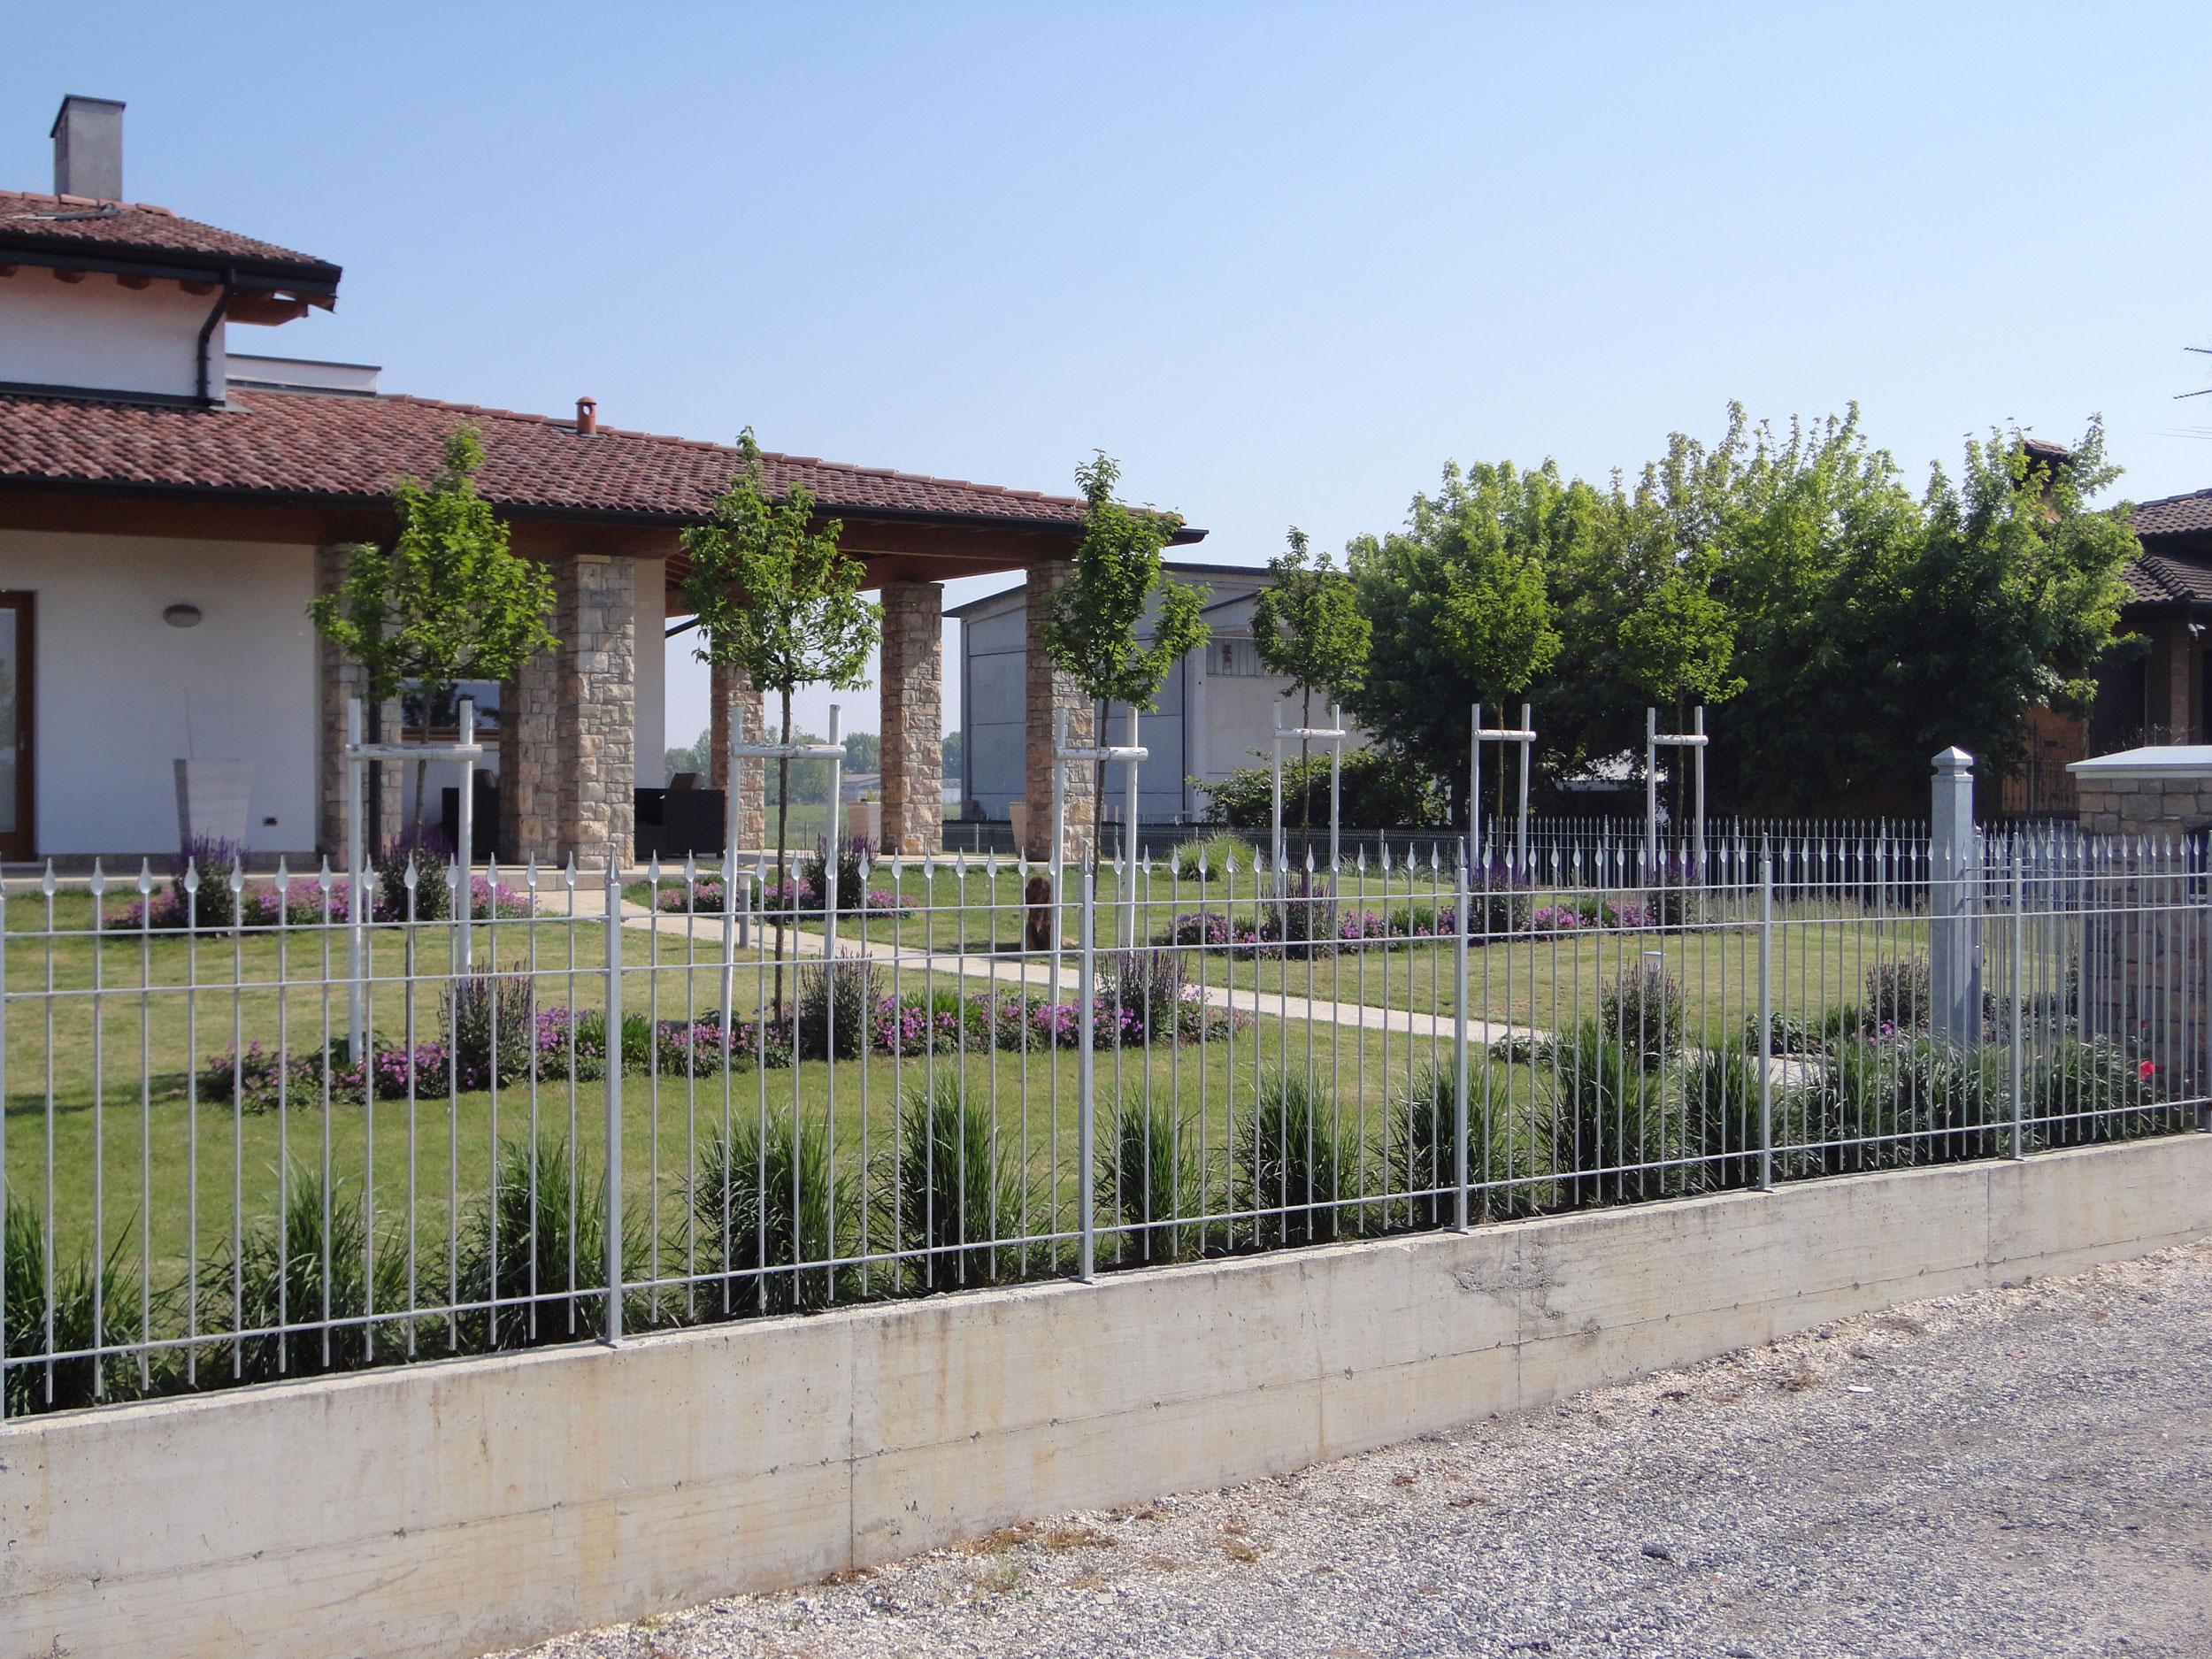 Giardino di abitazione privata verolanuova bs anno for Disegnare giardini